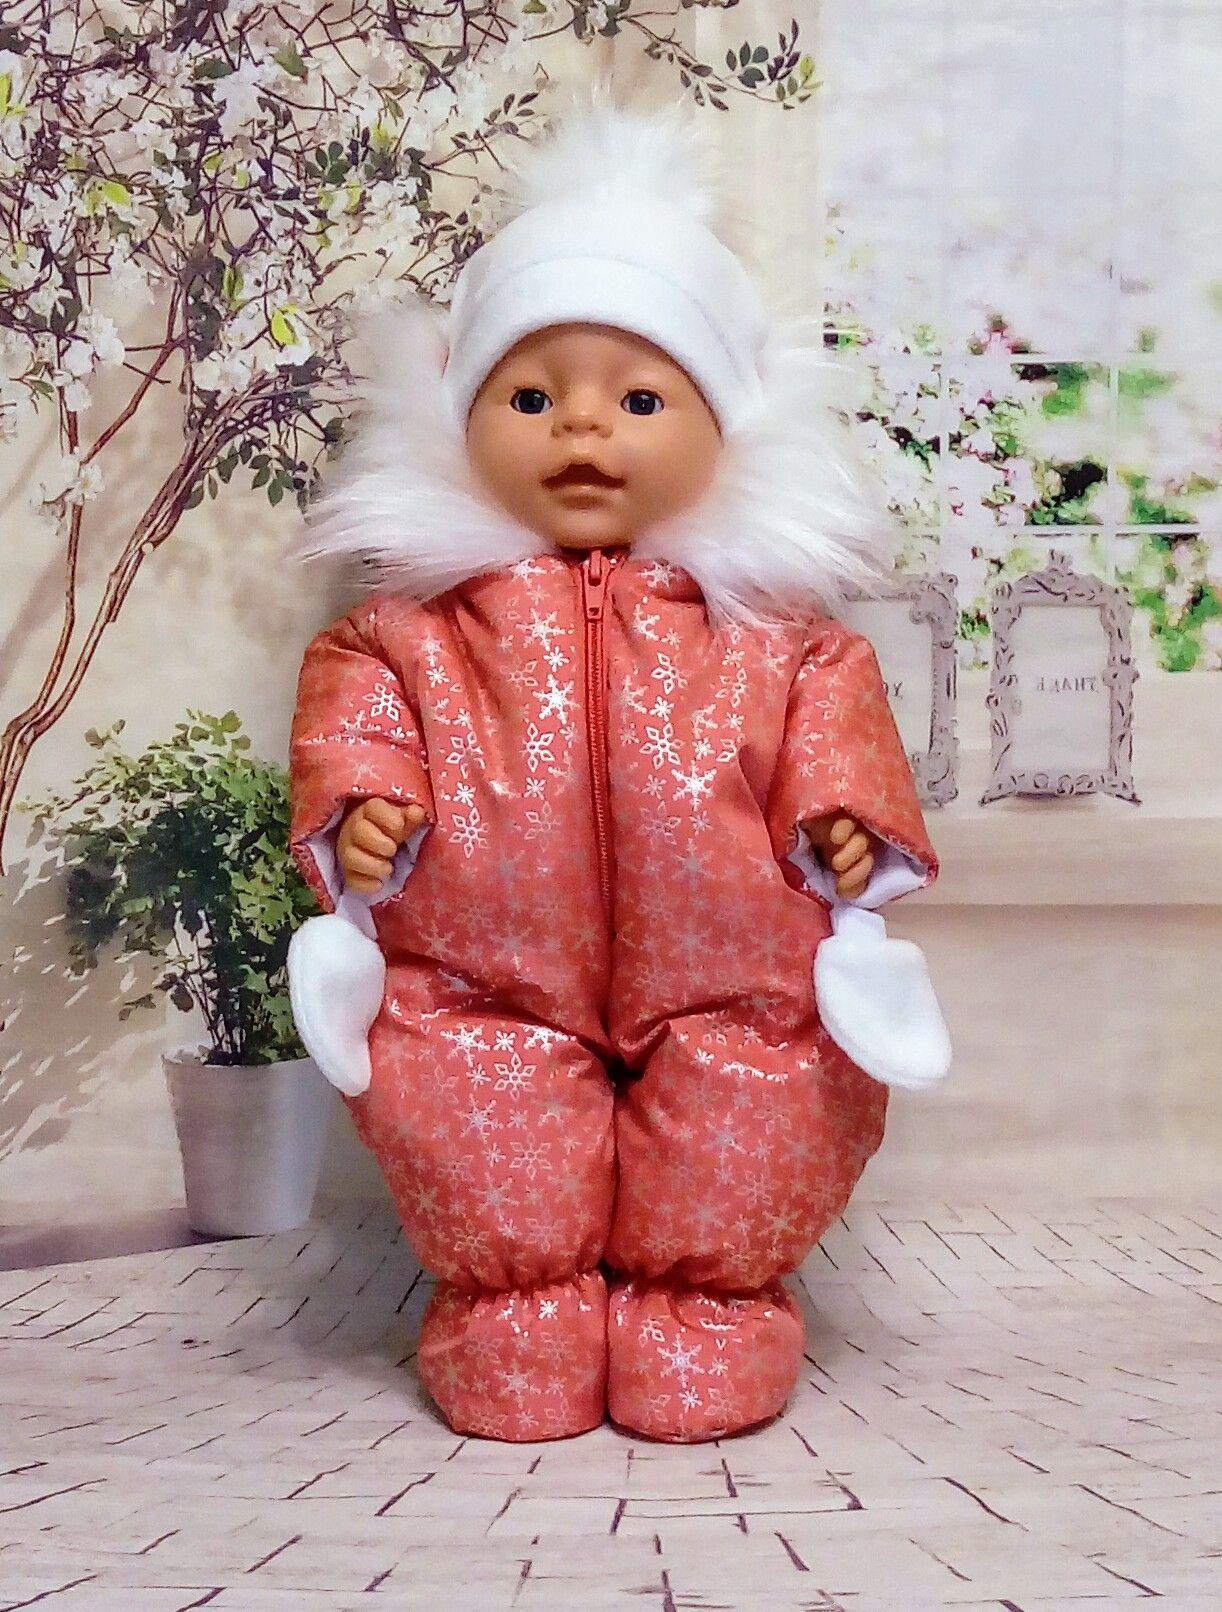 справедливо, ведь одежда для куклы беби анабель фото они